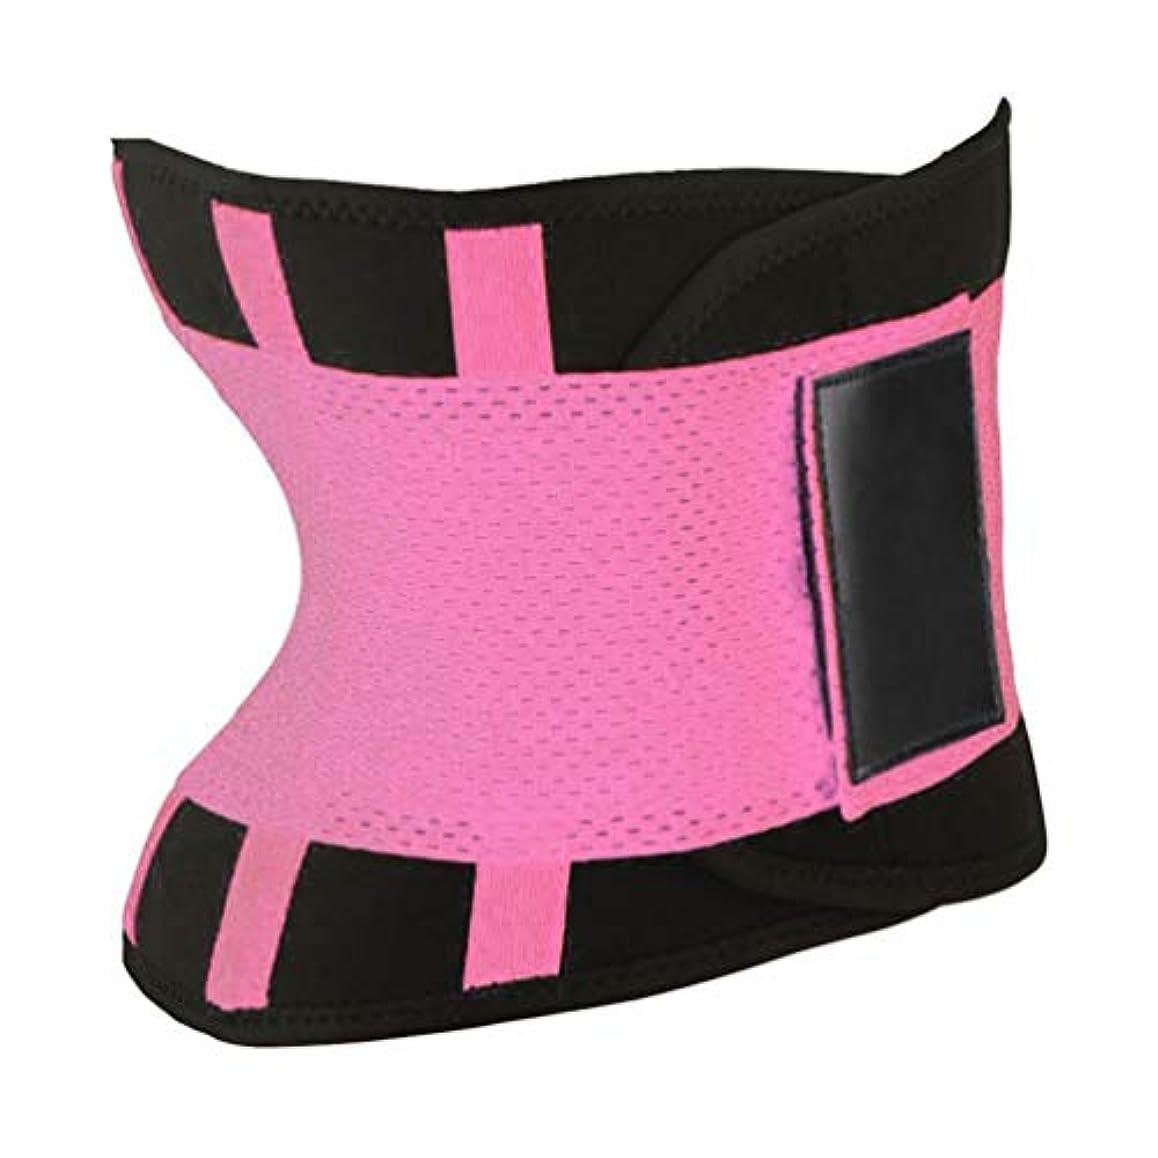 どこでも牧草地マニュアル快適な女性ボディシェイパー痩身シェイパーベルトスポーツ女性ウエストトレーナーニッパー制御バーニングボディおなかベルト - ピンク2xl